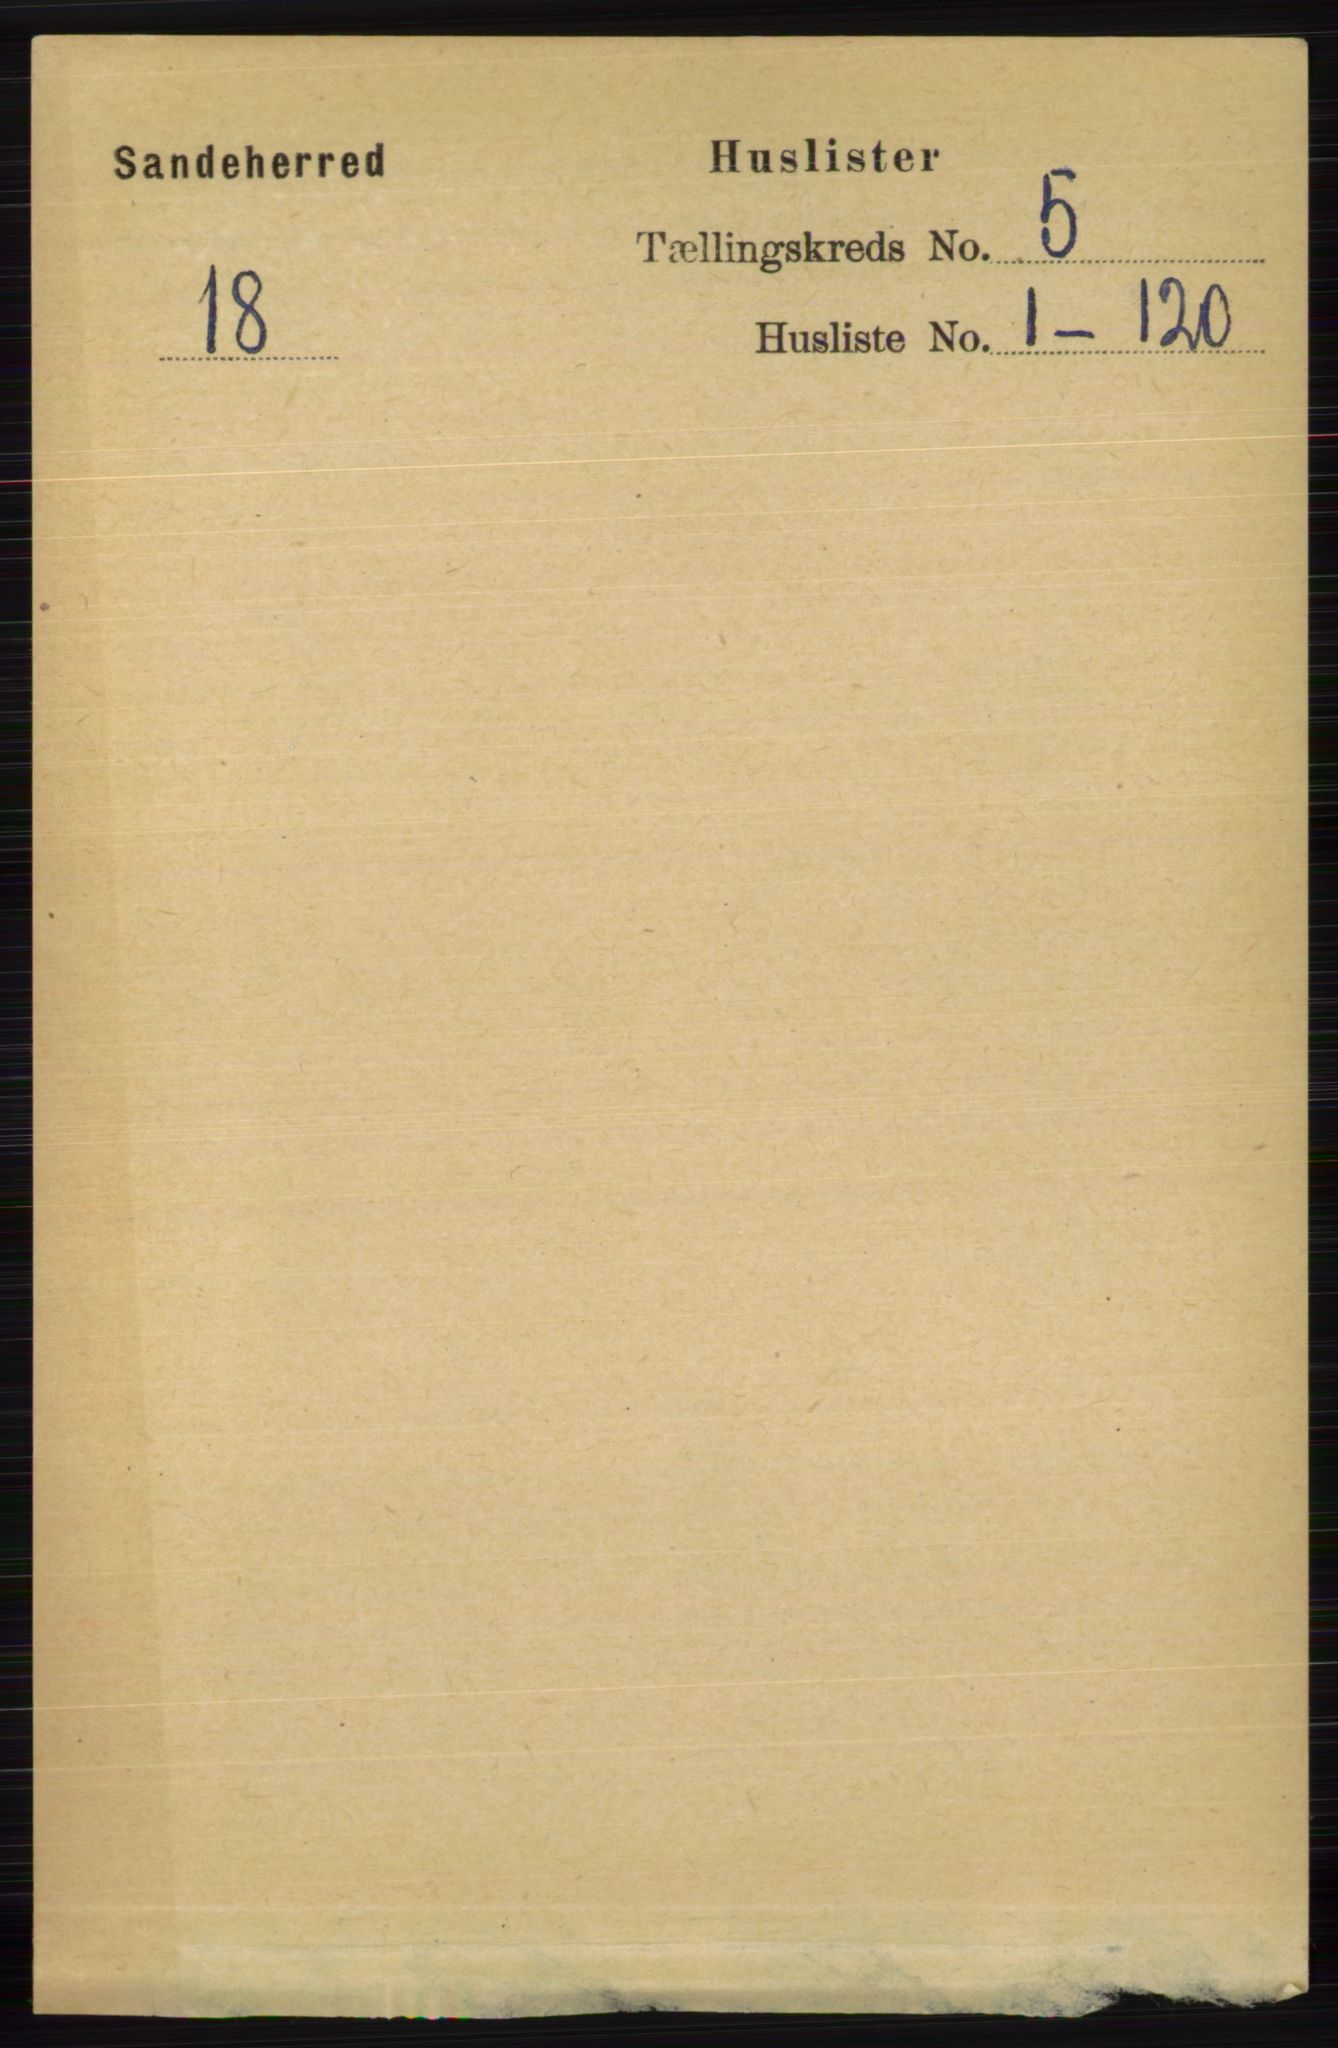 RA, Folketelling 1891 for 0724 Sandeherred herred, 1891, s. 2693